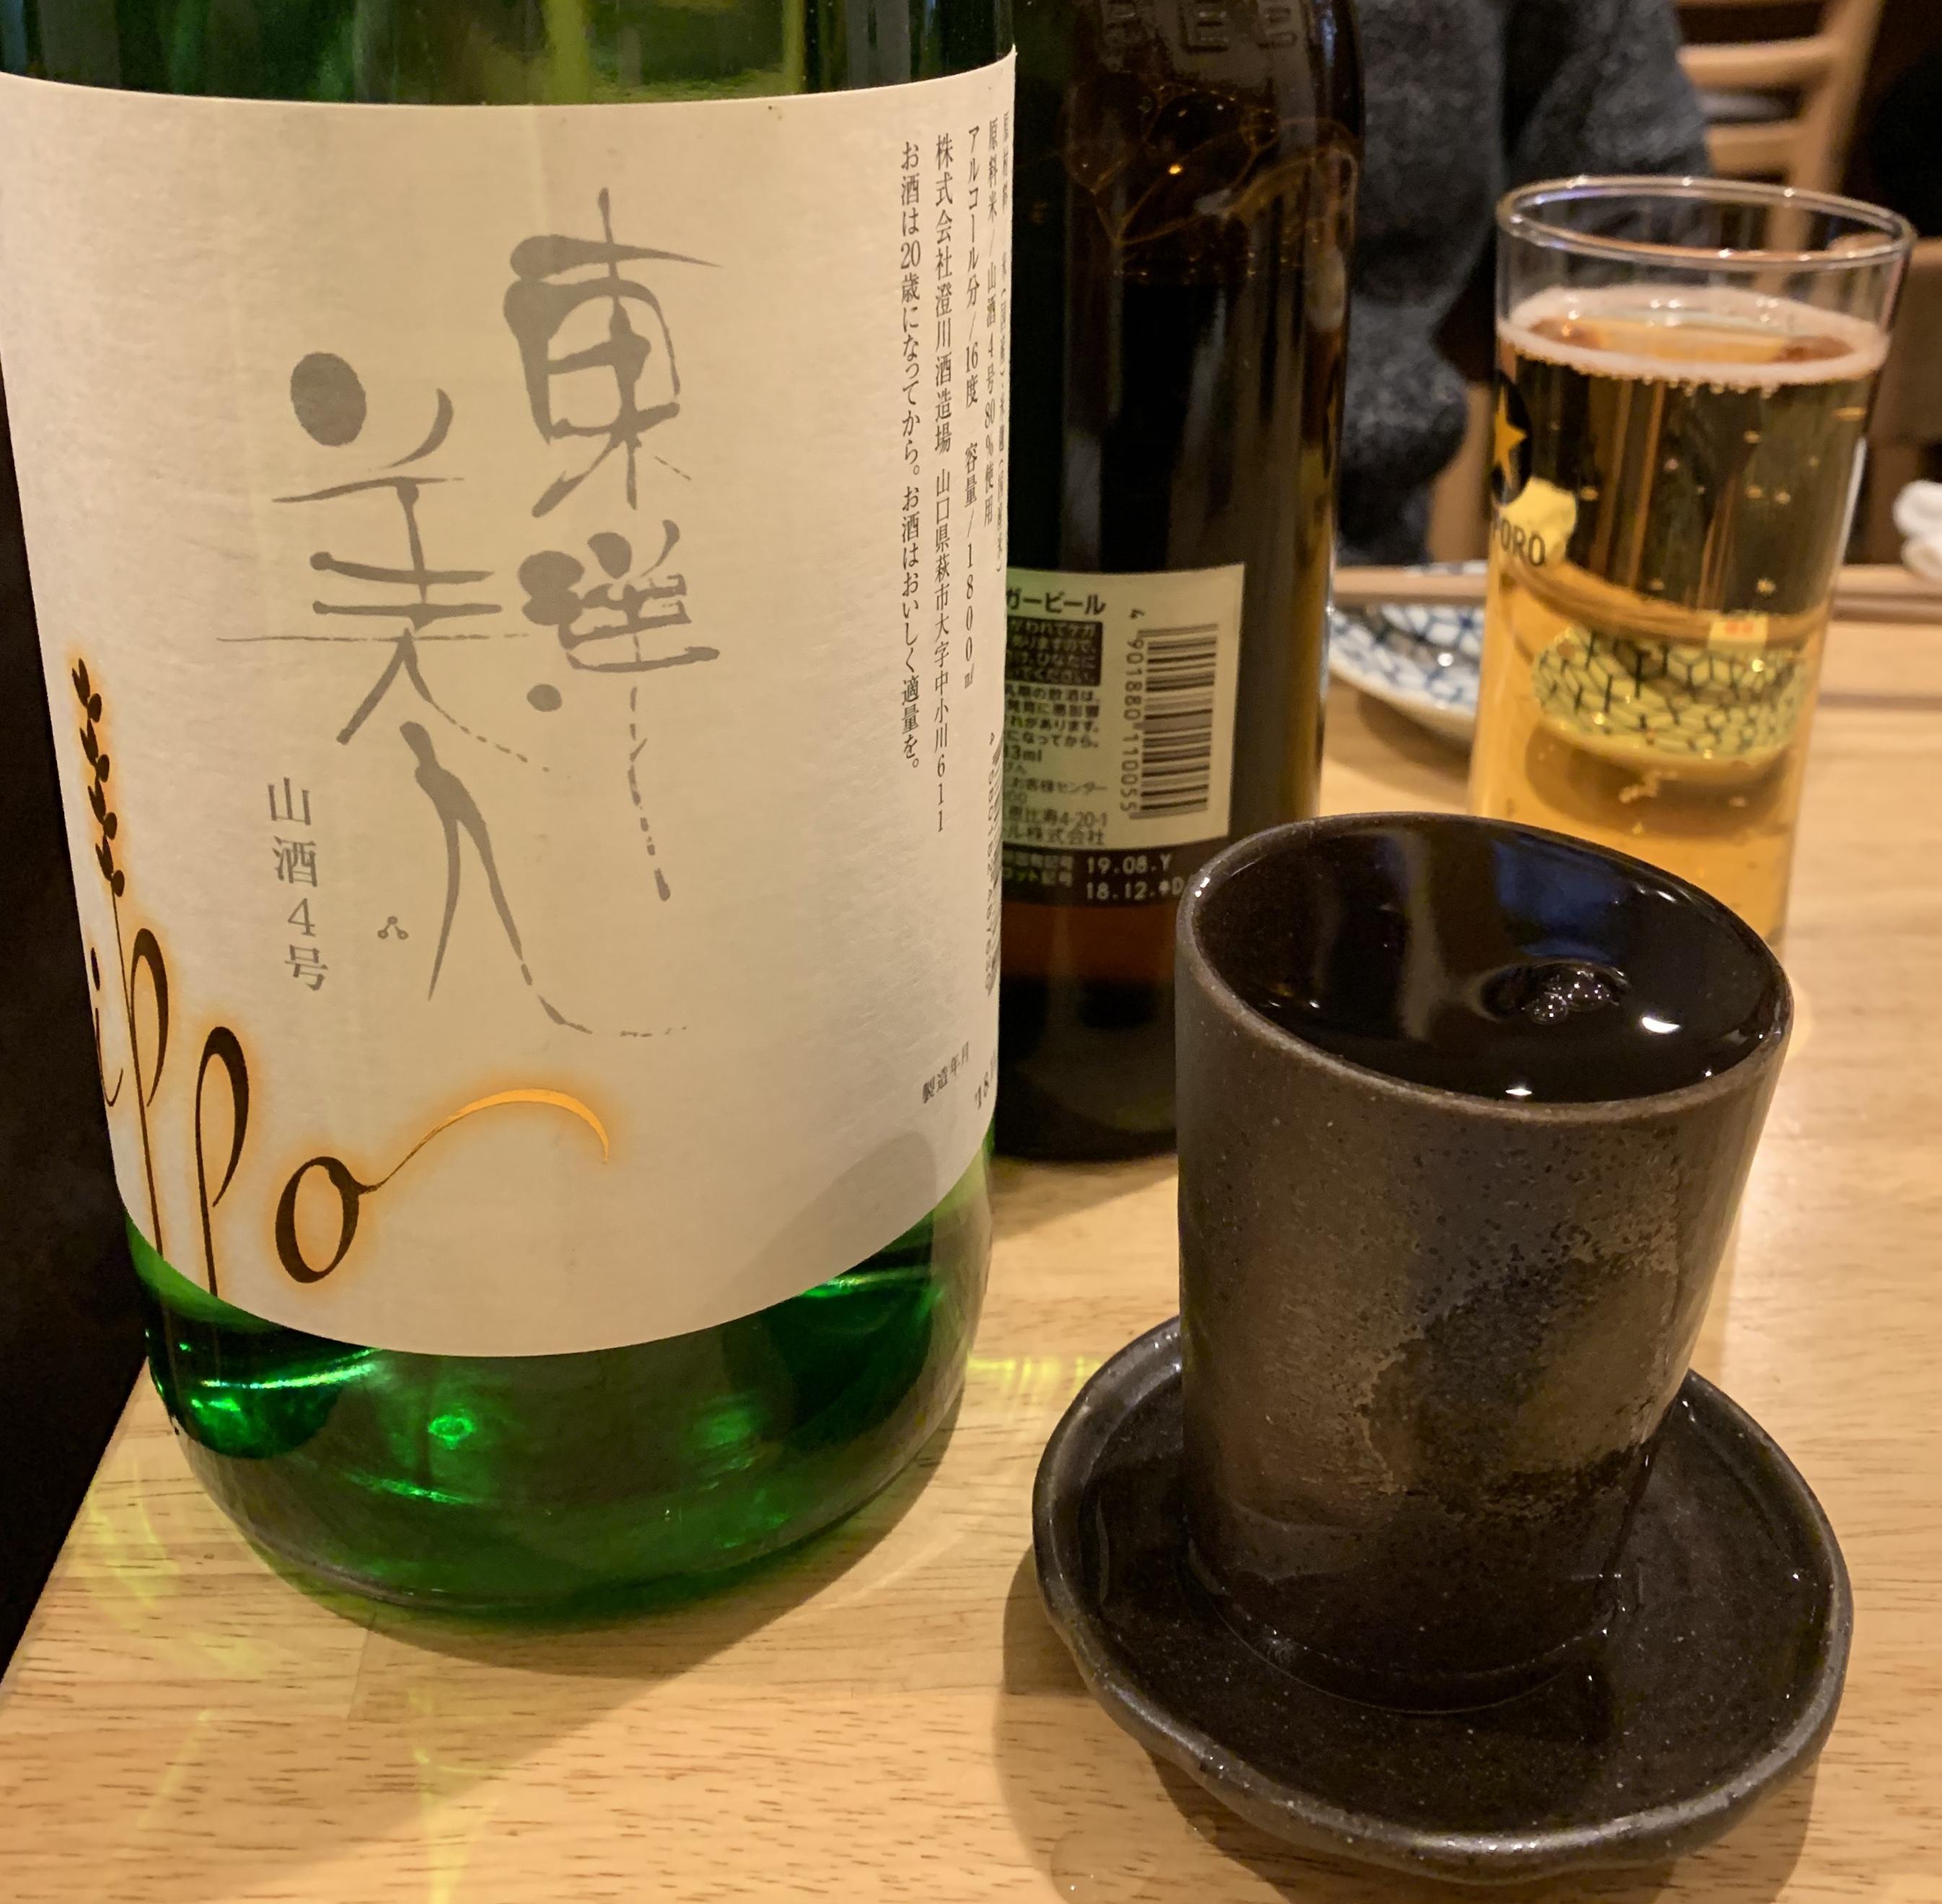 日本酒がさらにまろやかに!